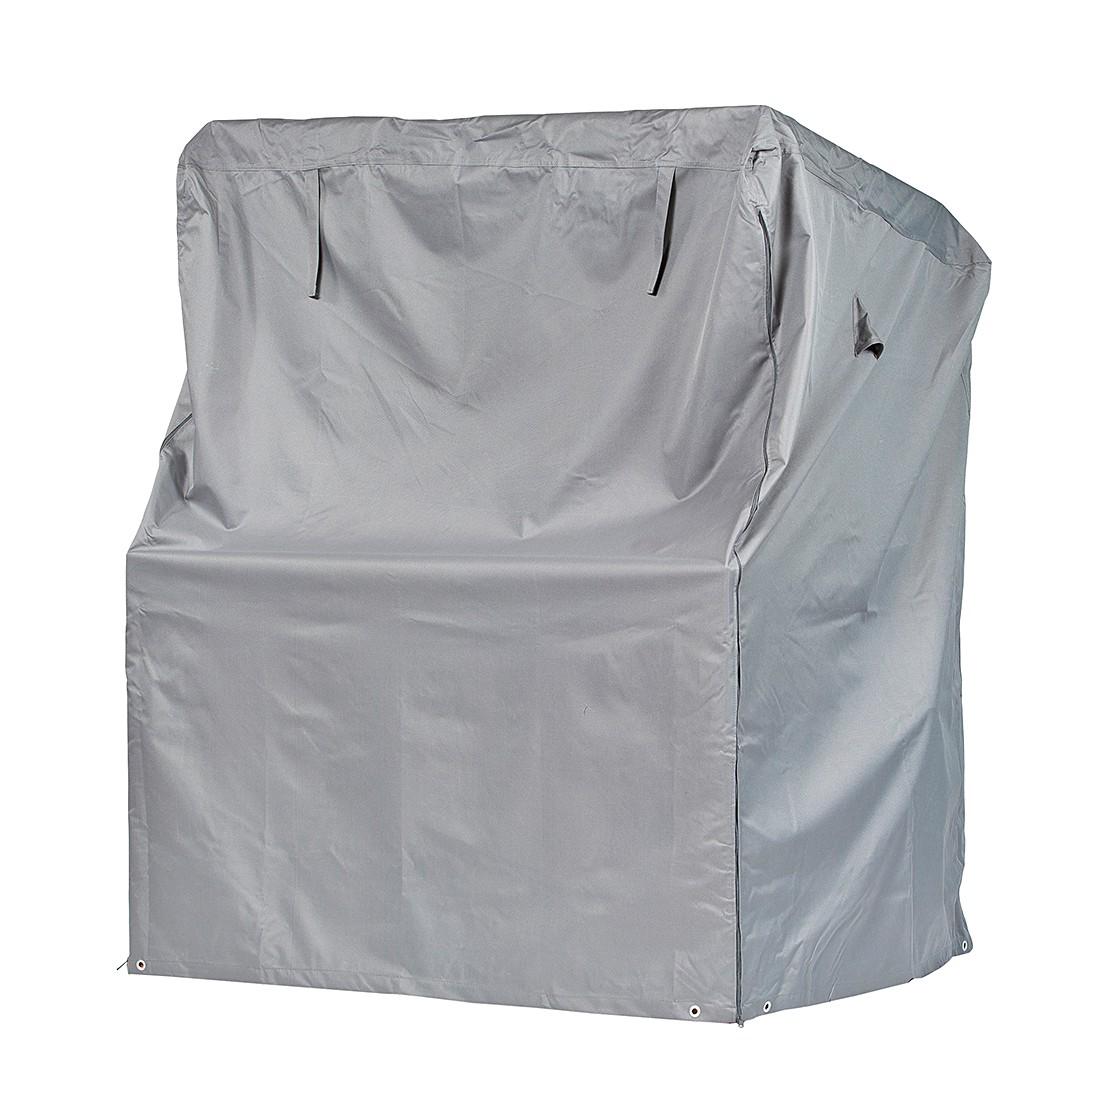 strandkorb schutzh lle 110 breit rugbyclubeemland. Black Bedroom Furniture Sets. Home Design Ideas